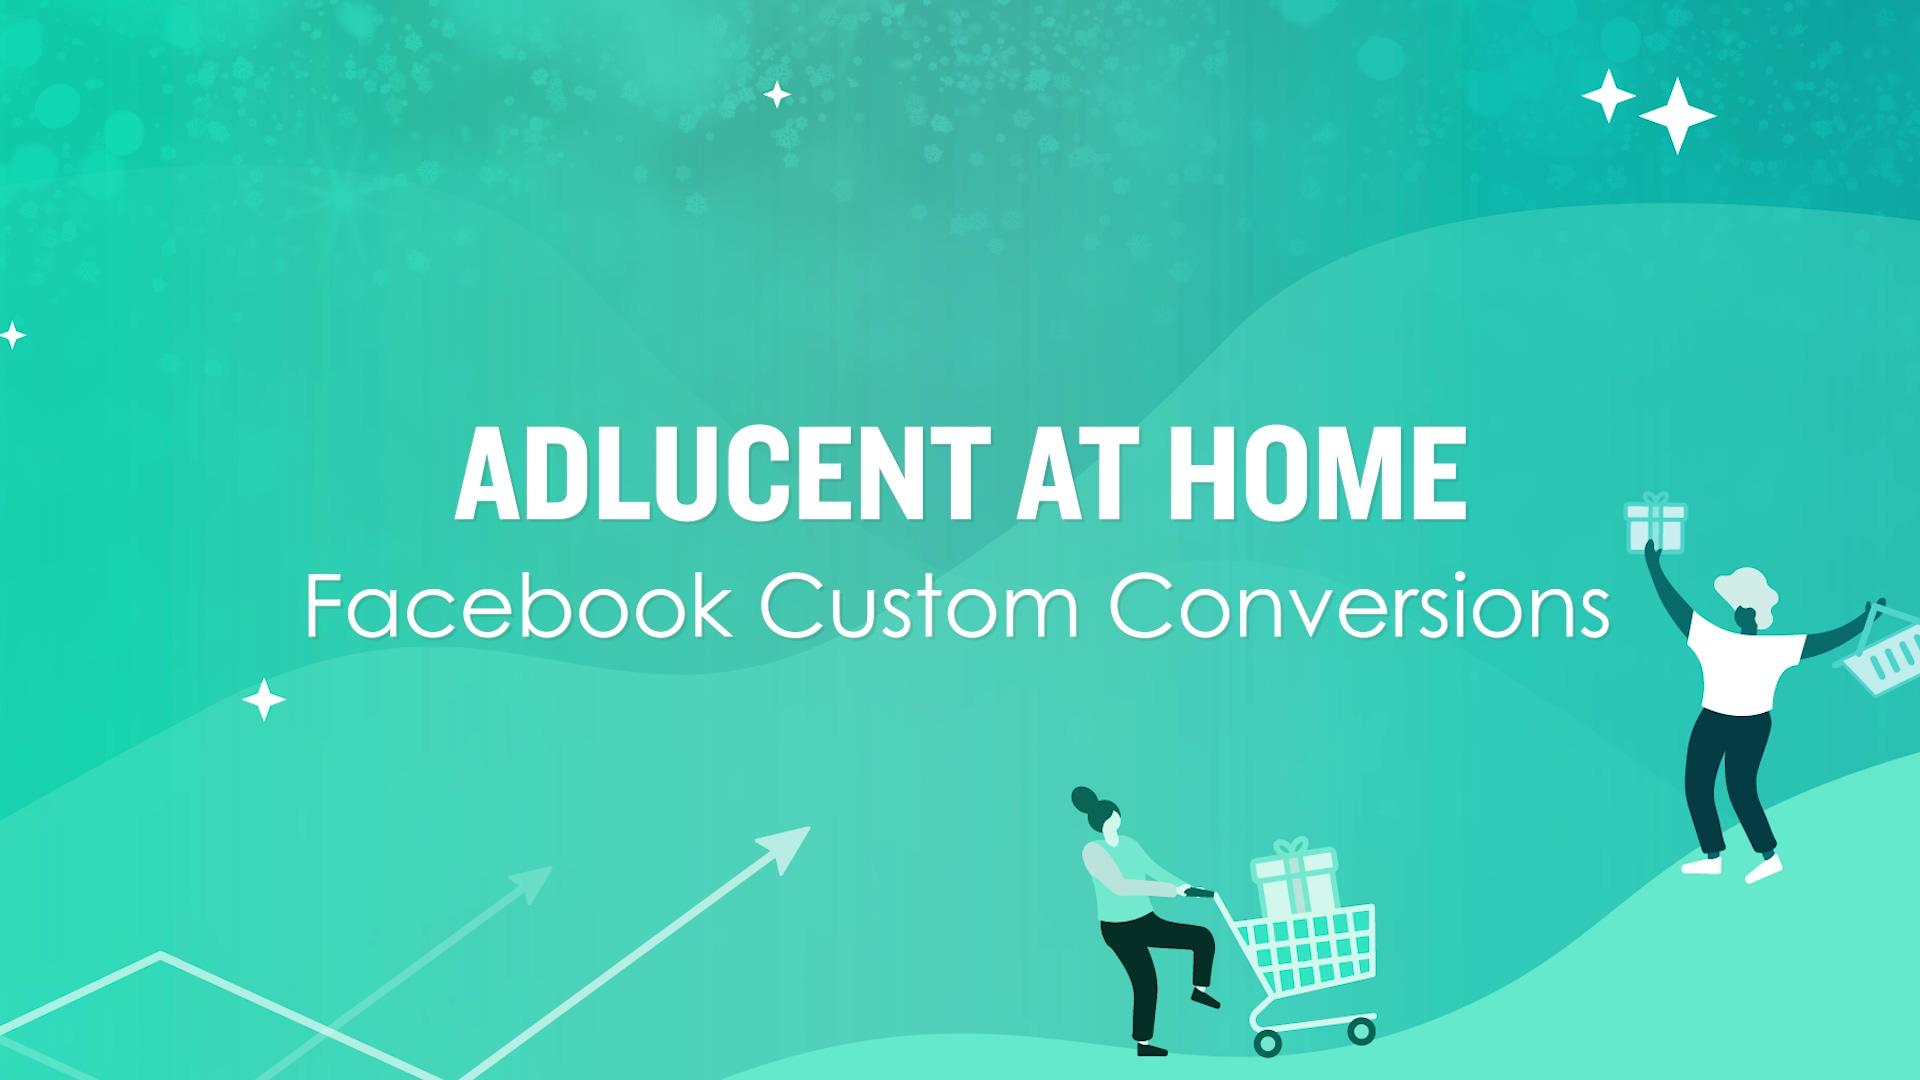 Steve-Bonino-FB-Custom-Conversions-Video